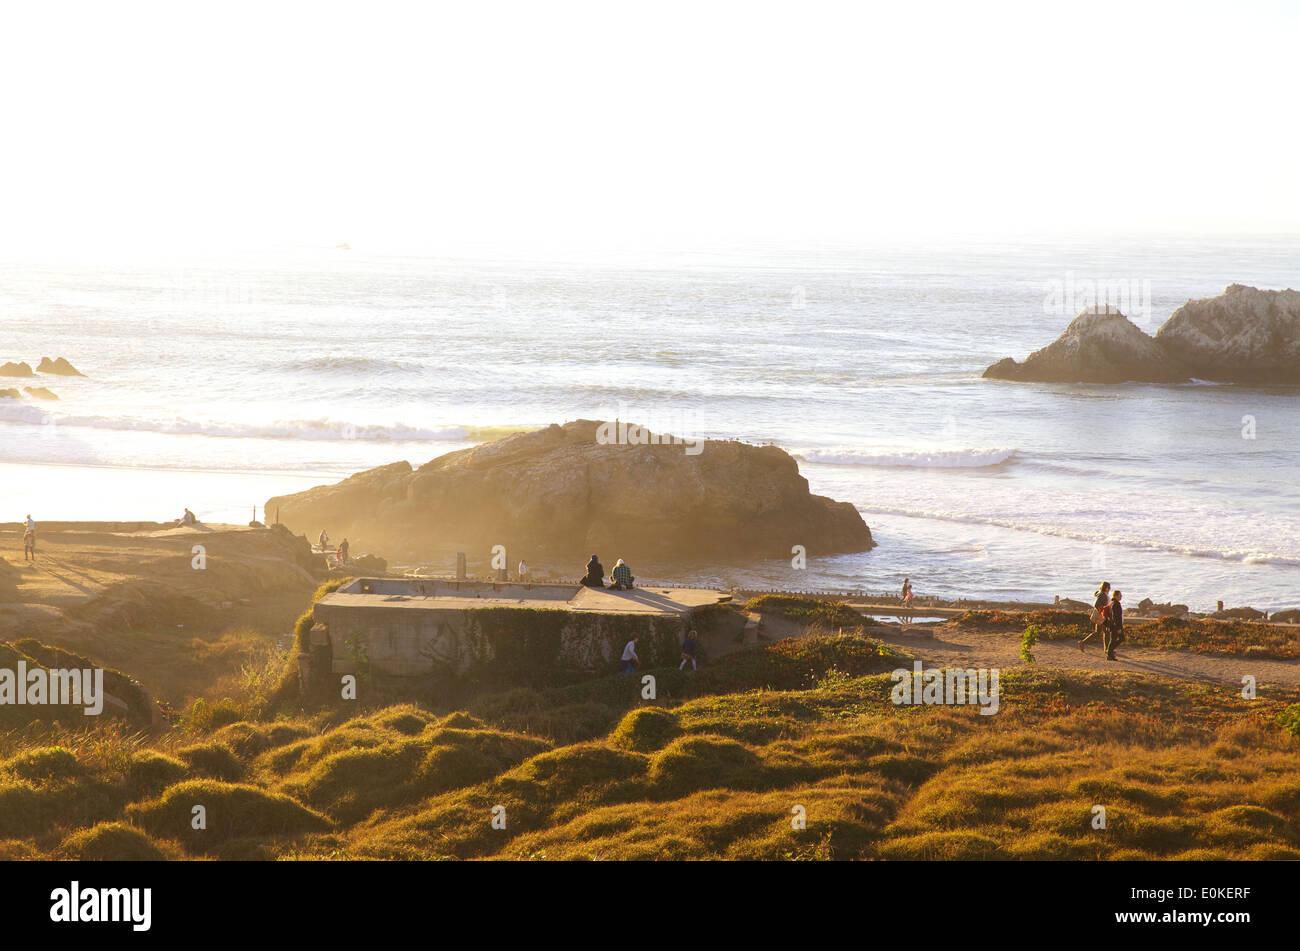 Les gens profiter du soleil et se promener au bord de l'eau à la Sutro Baths à Lands End à San Francisco, Californie. Photo Stock